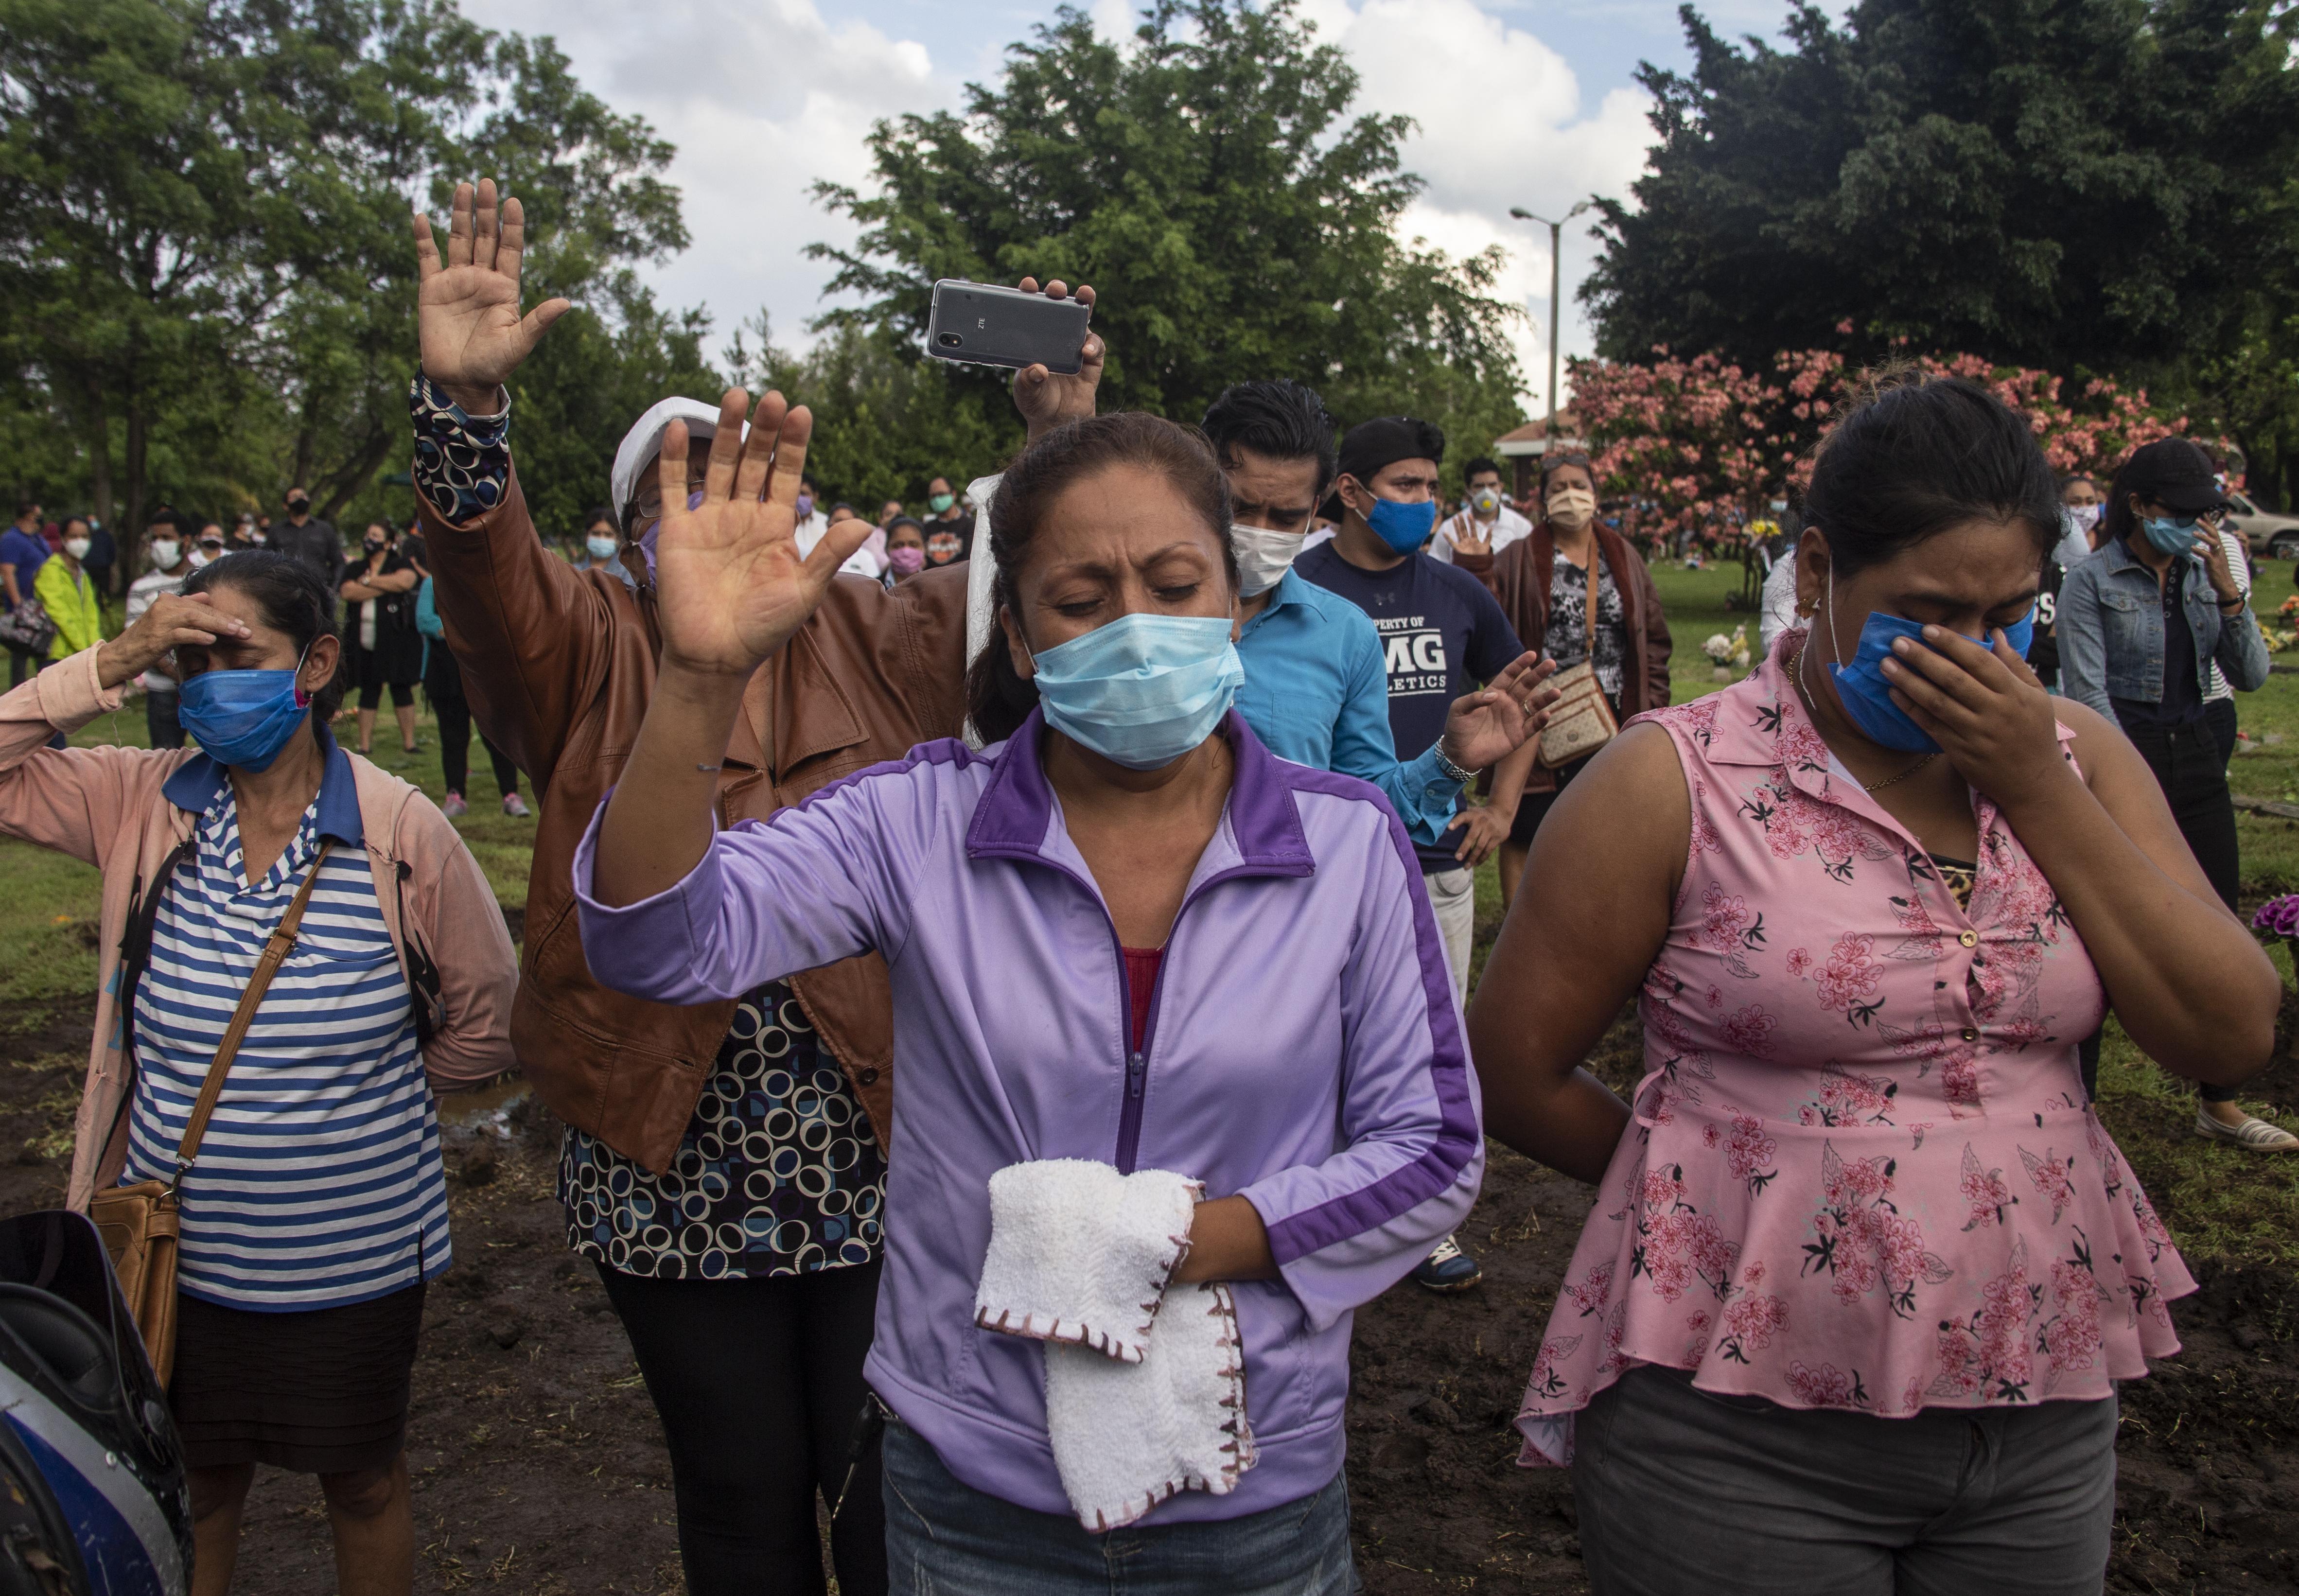 A nicaraguai kormány közölte, hogy náluk nem lesz semmilyen karantén, azóta az ország több vezetője belehalt a járványba